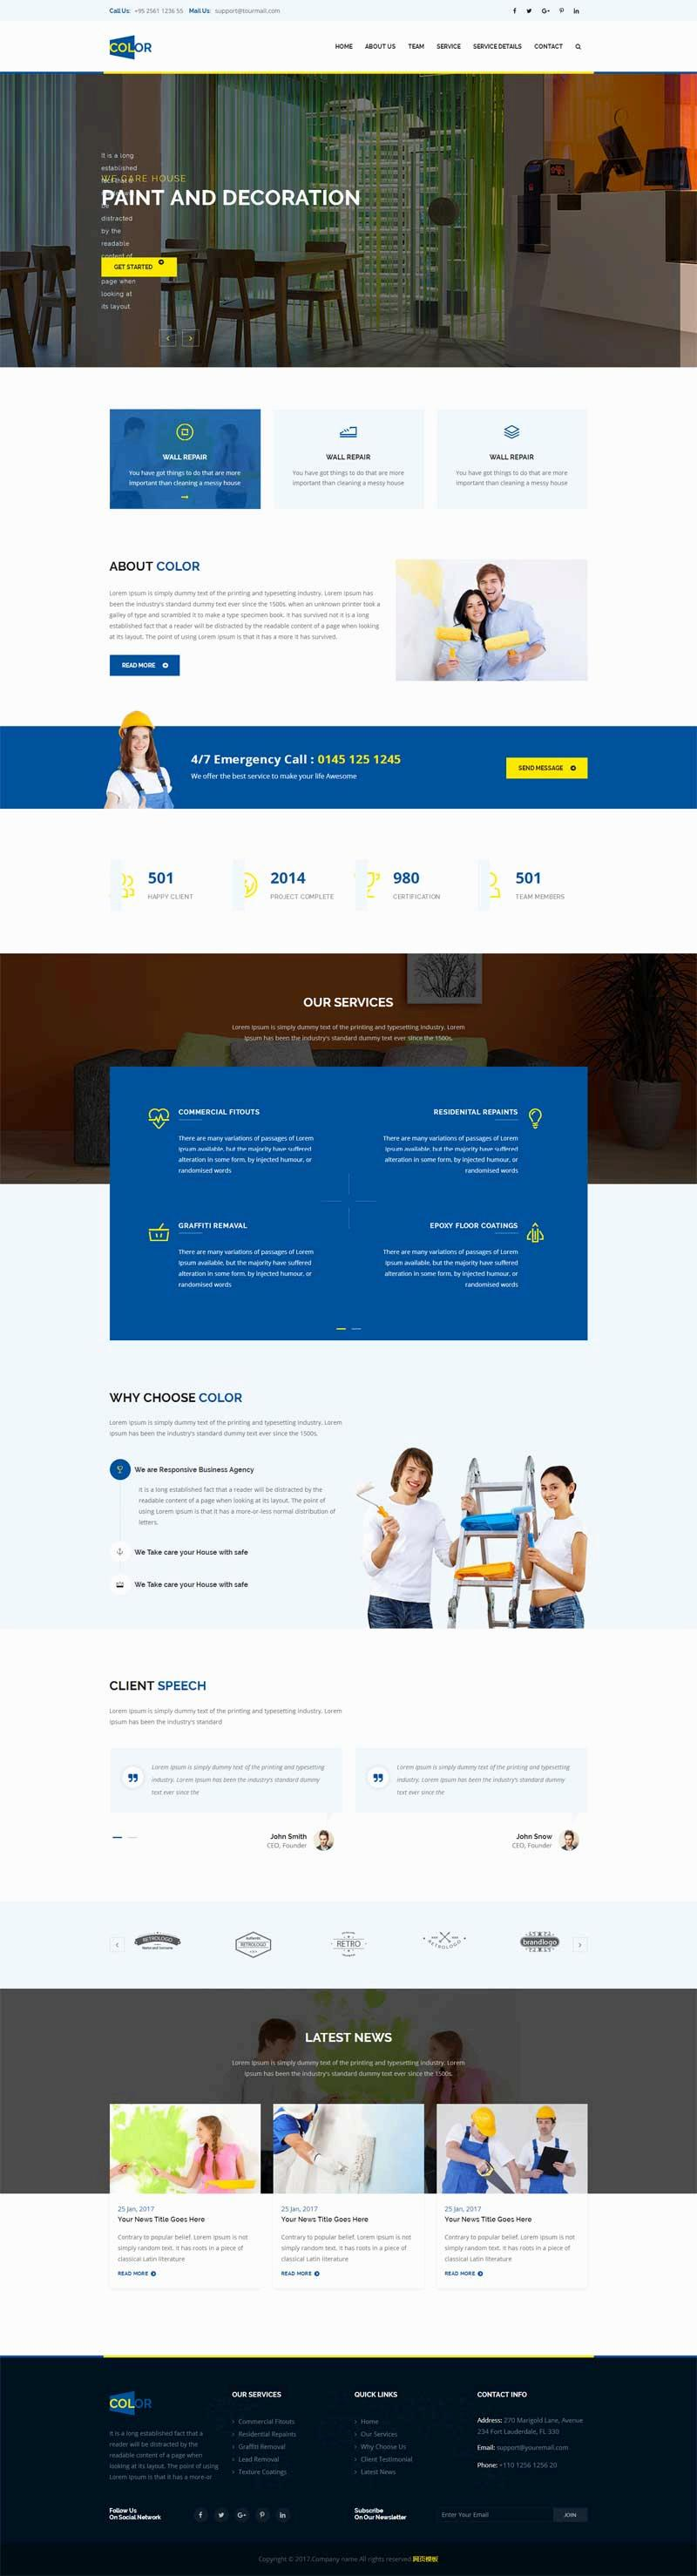 蓝色大气的墙壁粉刷公司网站html模板